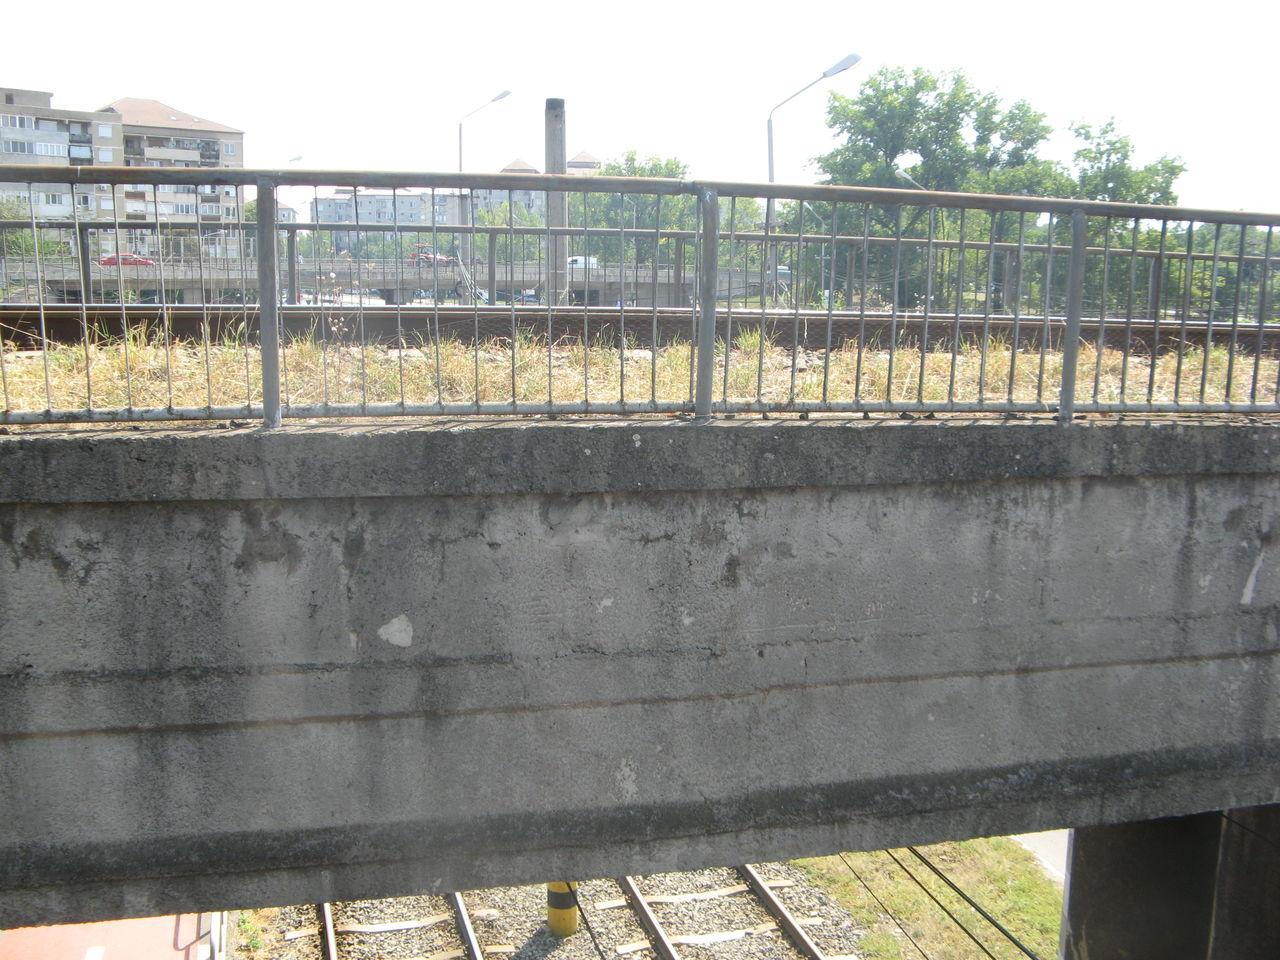 Calea ferată directă Oradea Vest - Episcopia Bihor IMG_0028